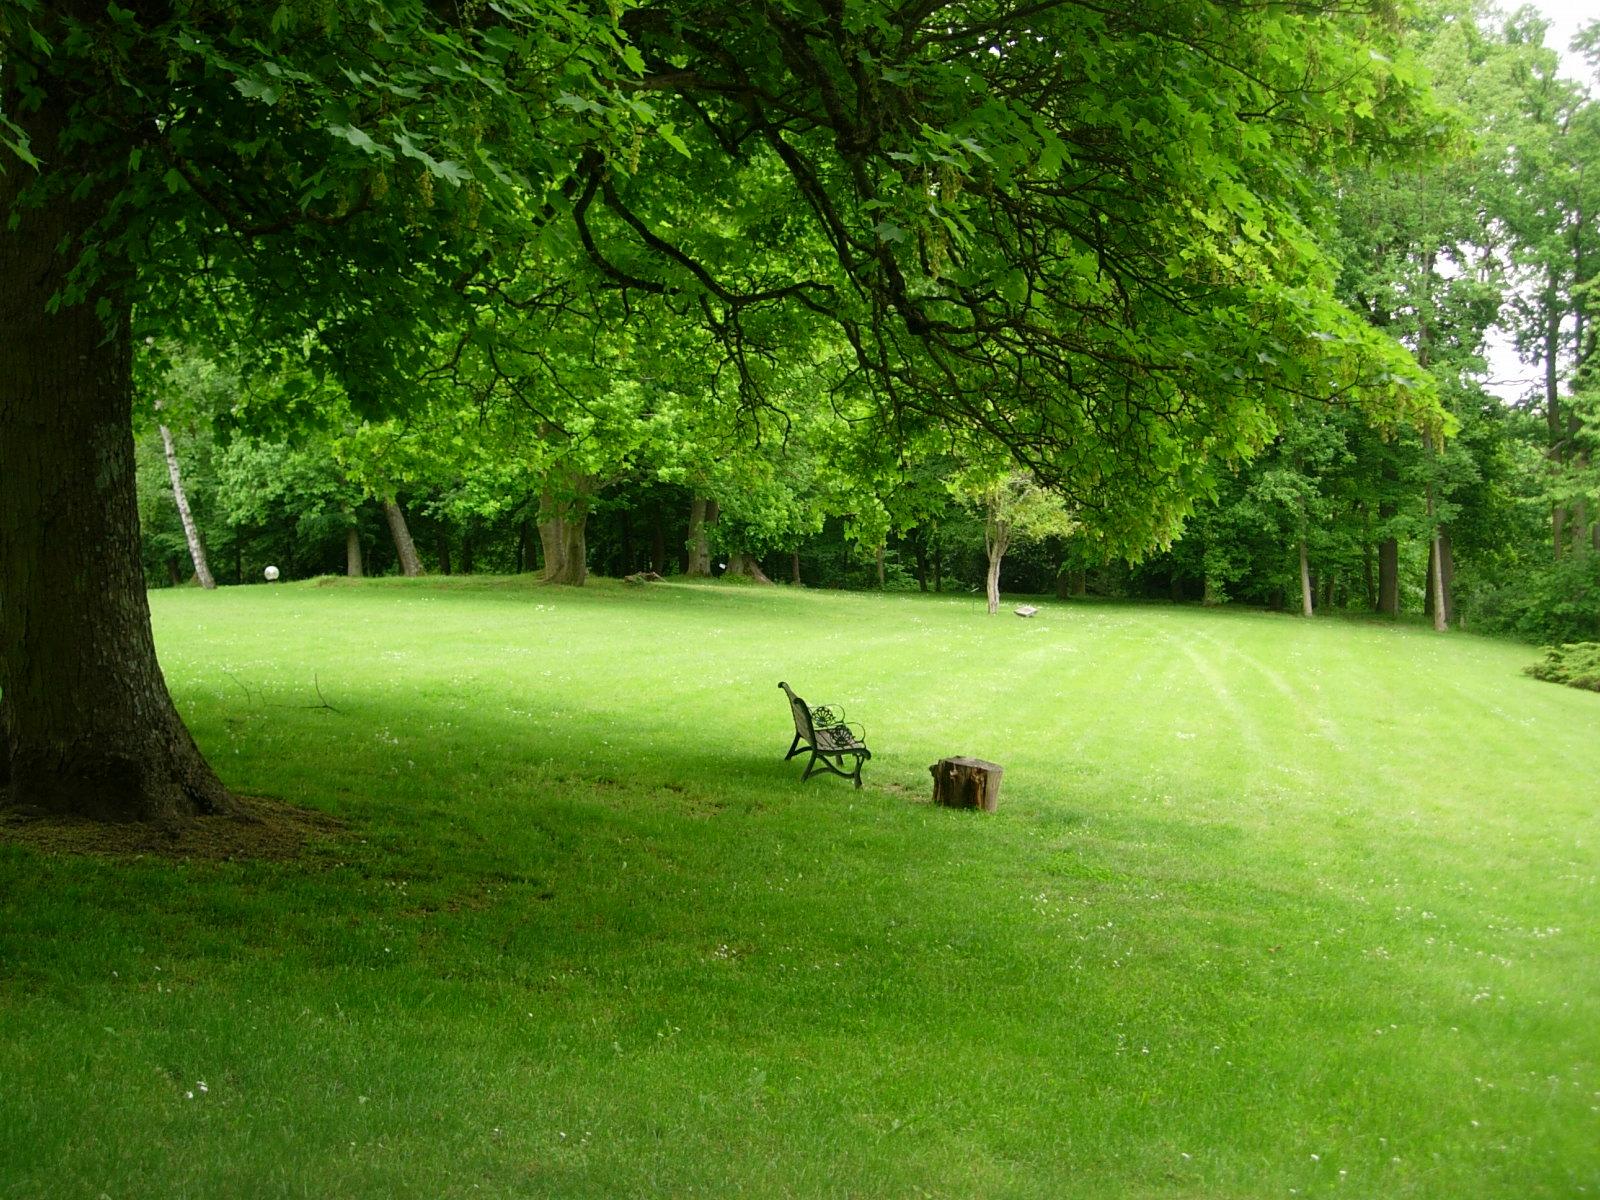 D couverte du ch teau villiers le mahieu dans les yvelines for Parc yvelines visiter